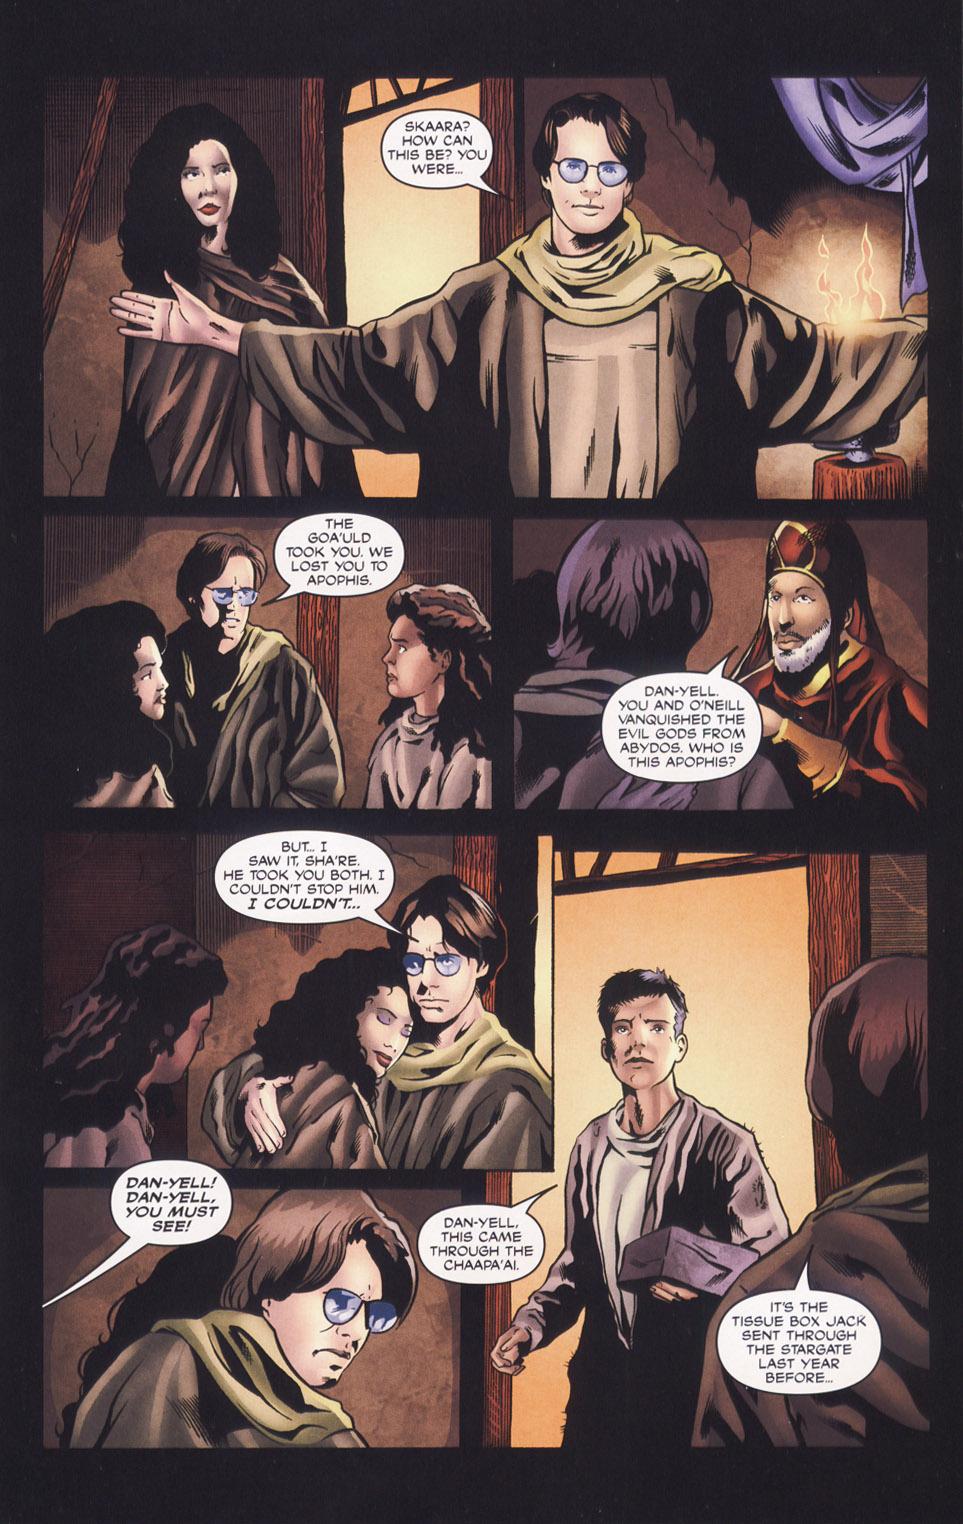 Read online Stargate SG-1: Daniel's Song comic -  Issue # Full - 7